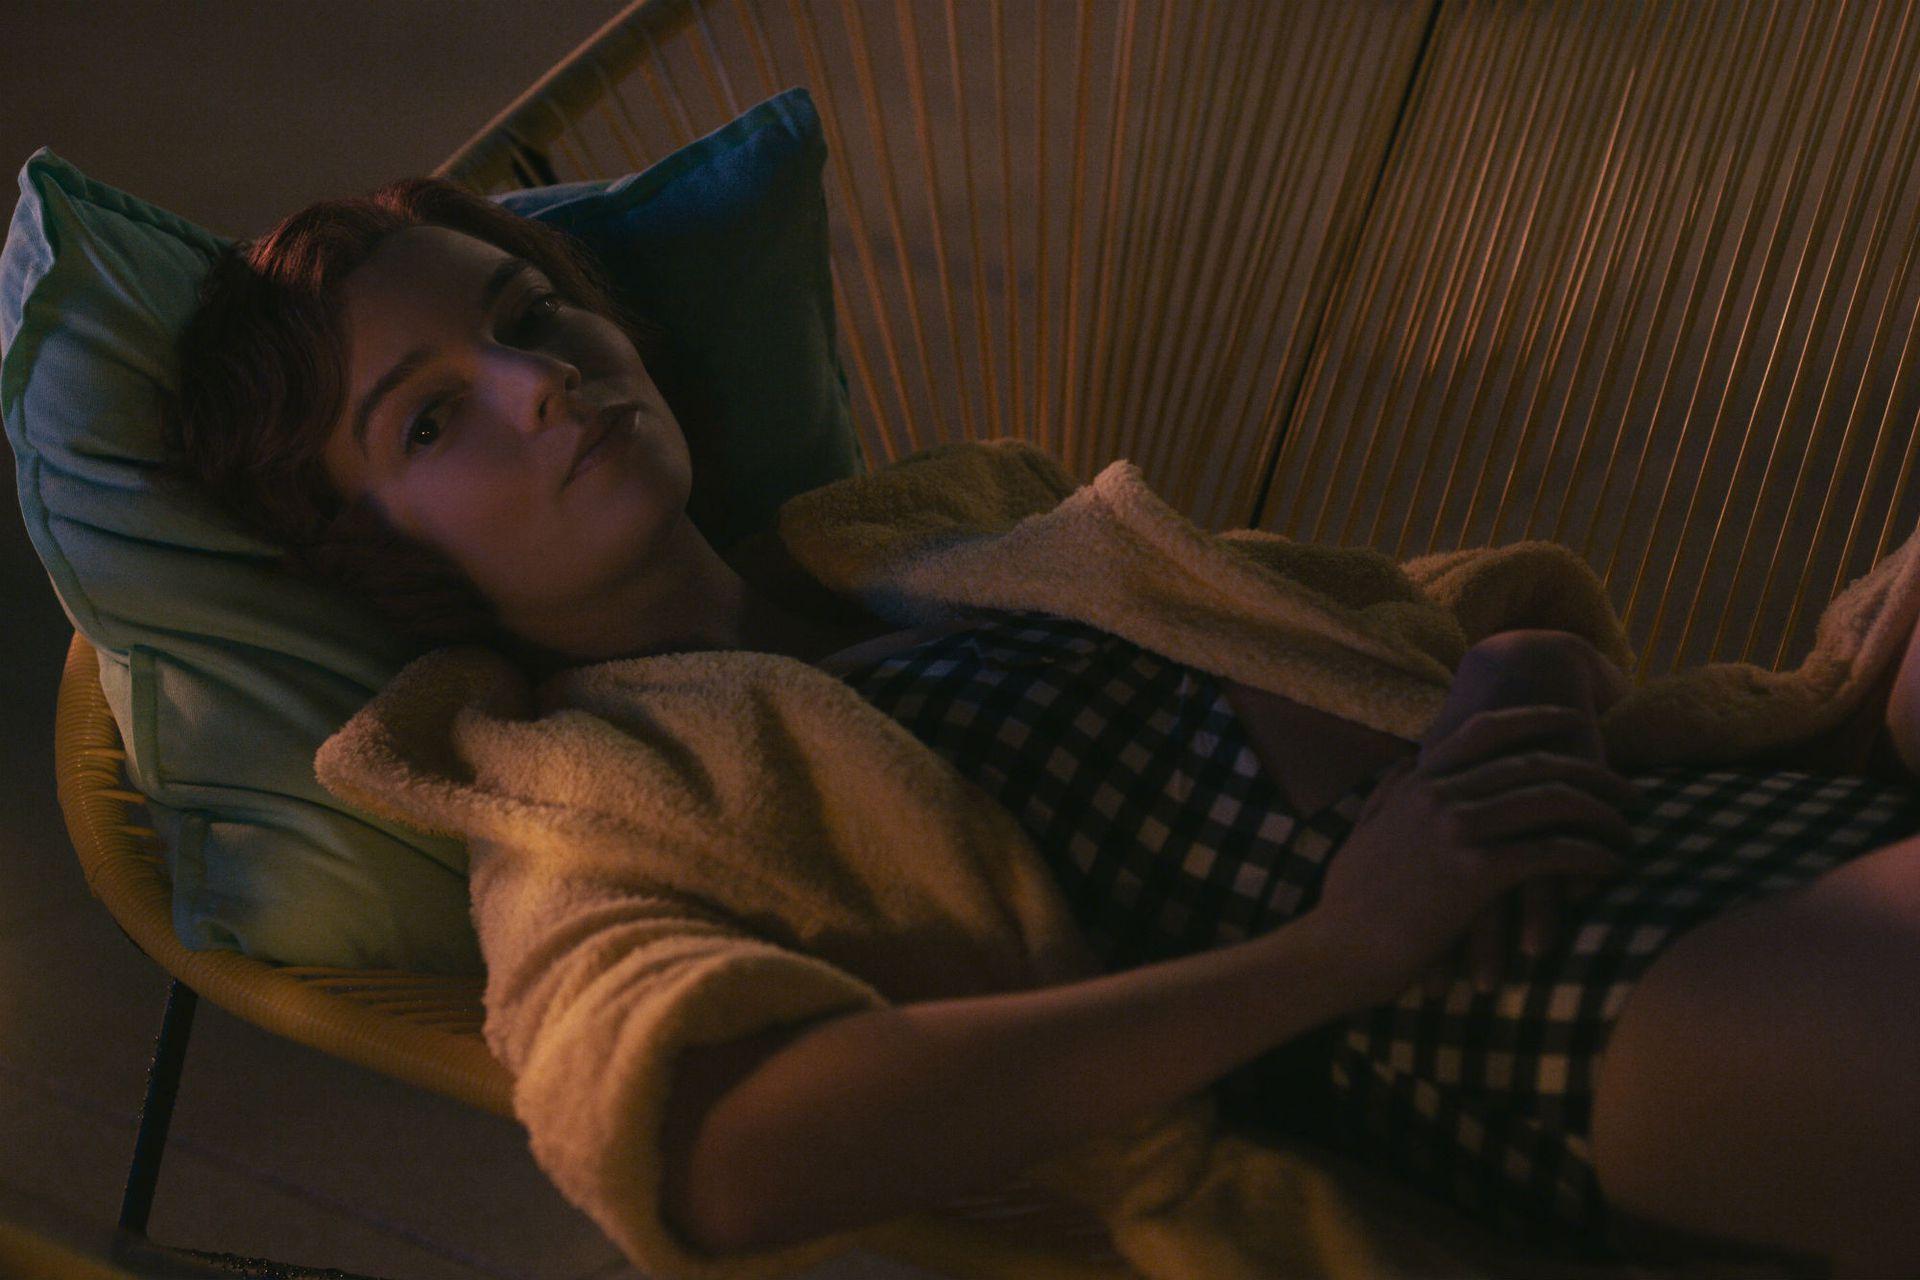 La miniserie de Scott Frank se estrena el viernes 23 de octubre en Netflix